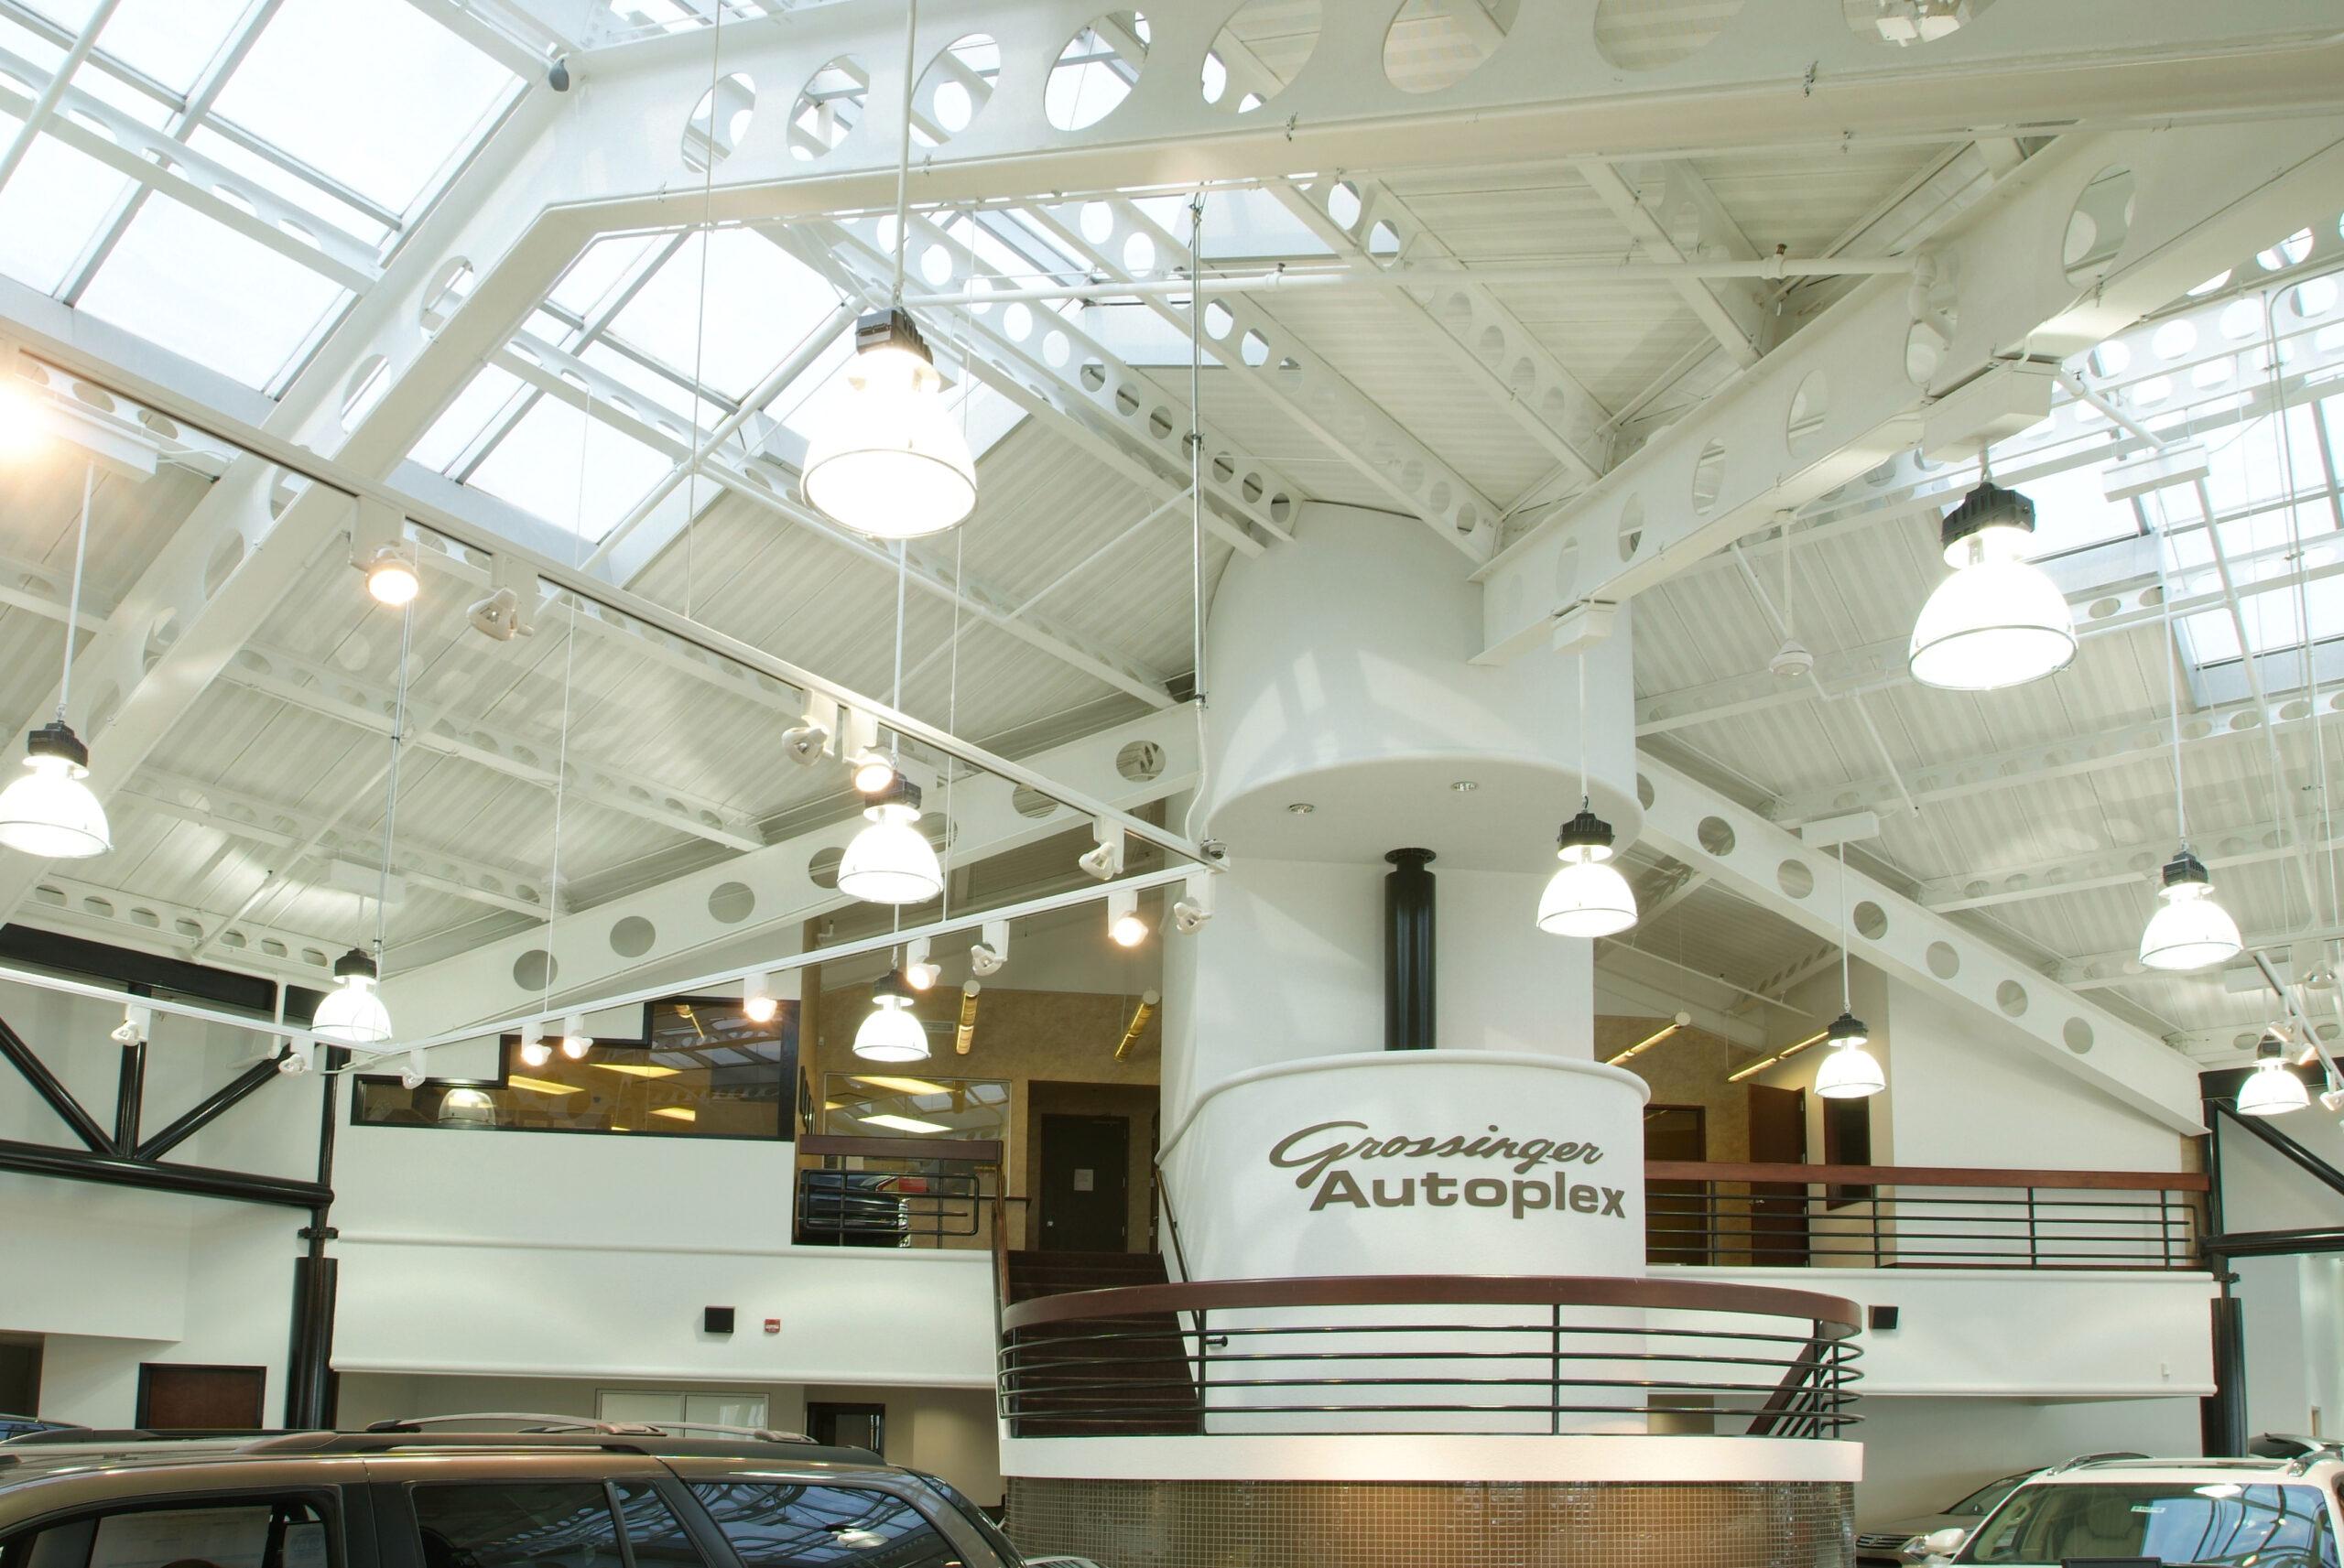 Interior, Grossinger City Autoplex.